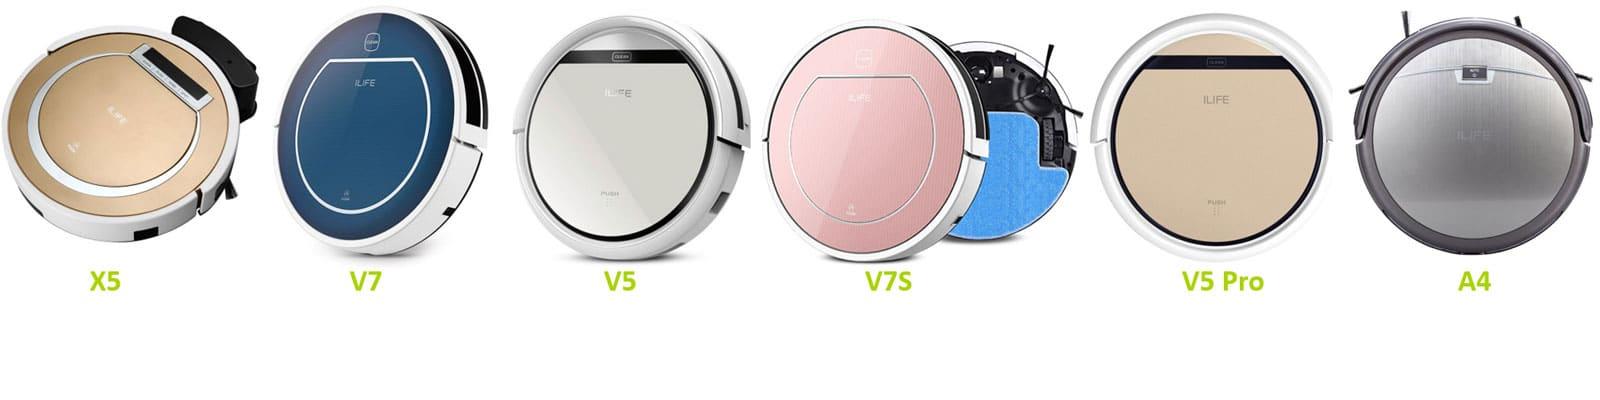 comparatif des aspirateurs robots pas cher de la gamme ilife. Black Bedroom Furniture Sets. Home Design Ideas